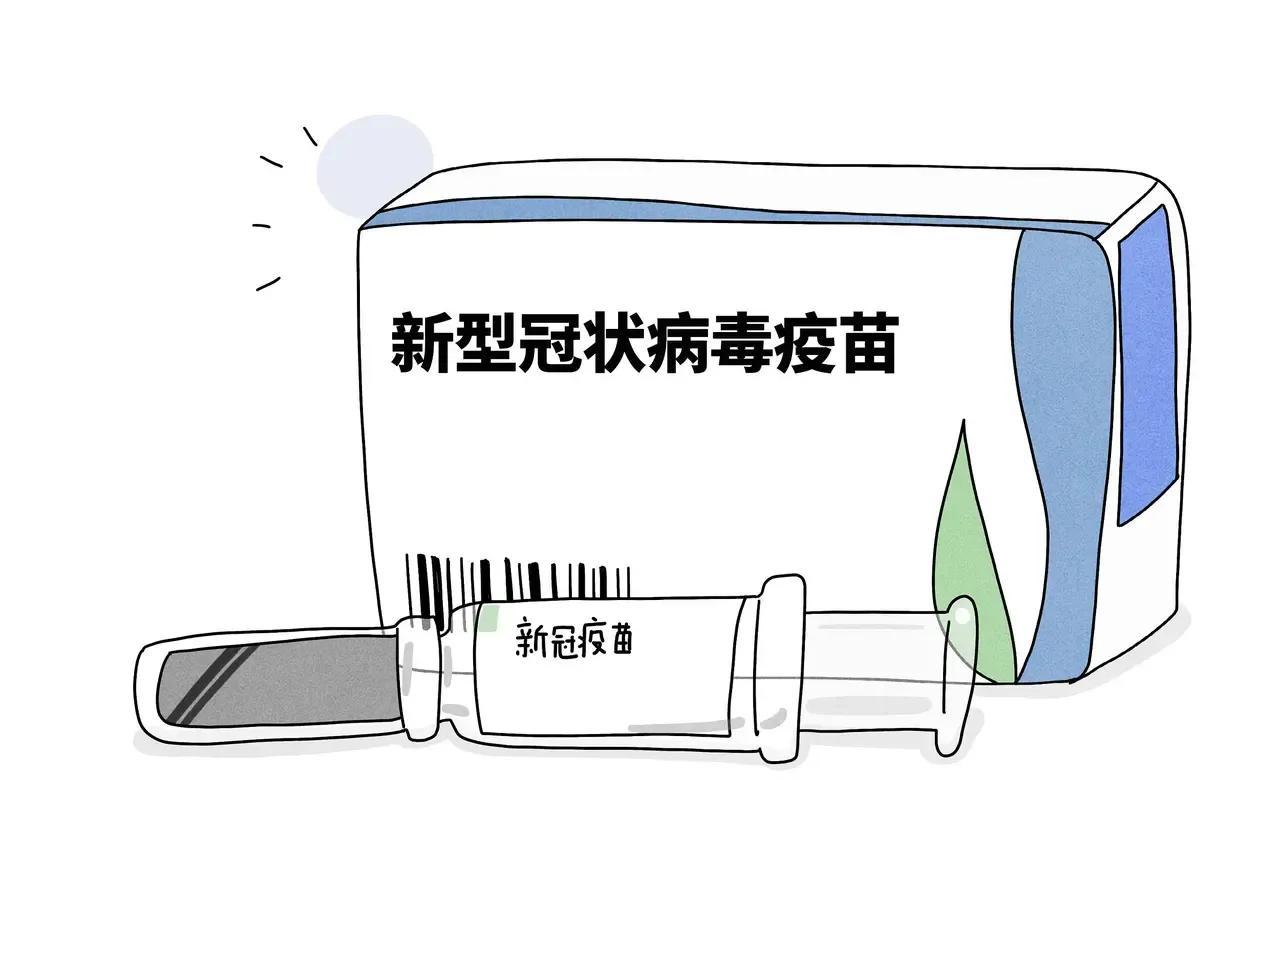 600196复星医药为辉瑞公司的合作方